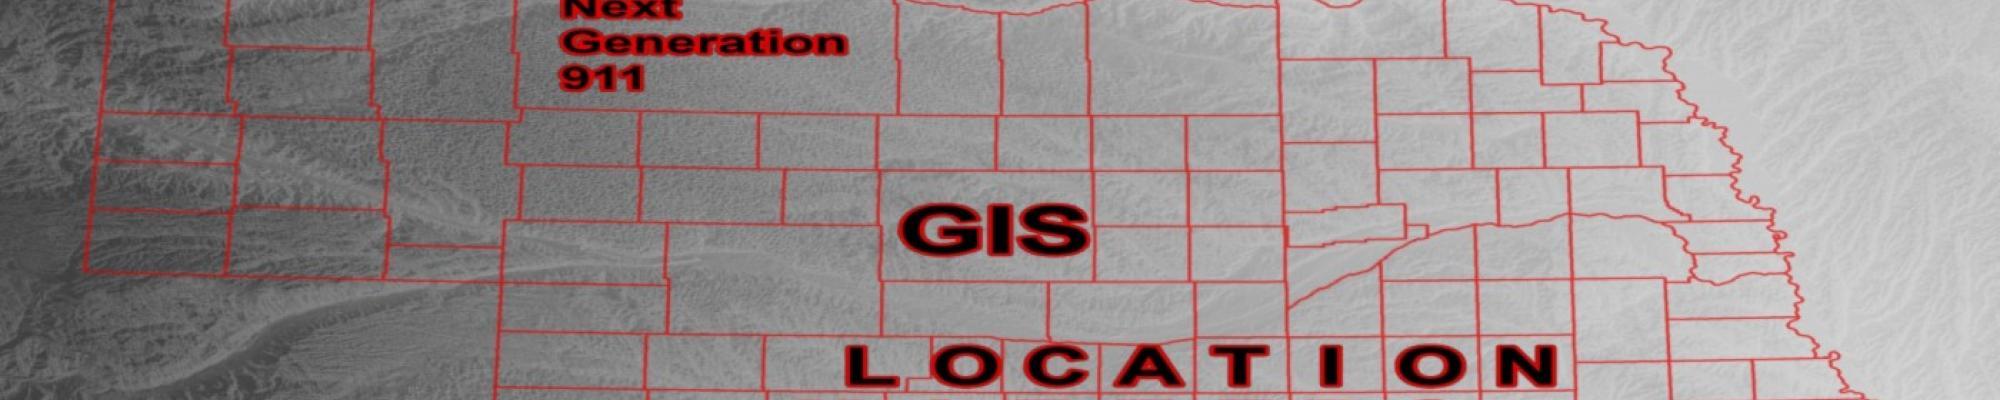 GISMapGraphic